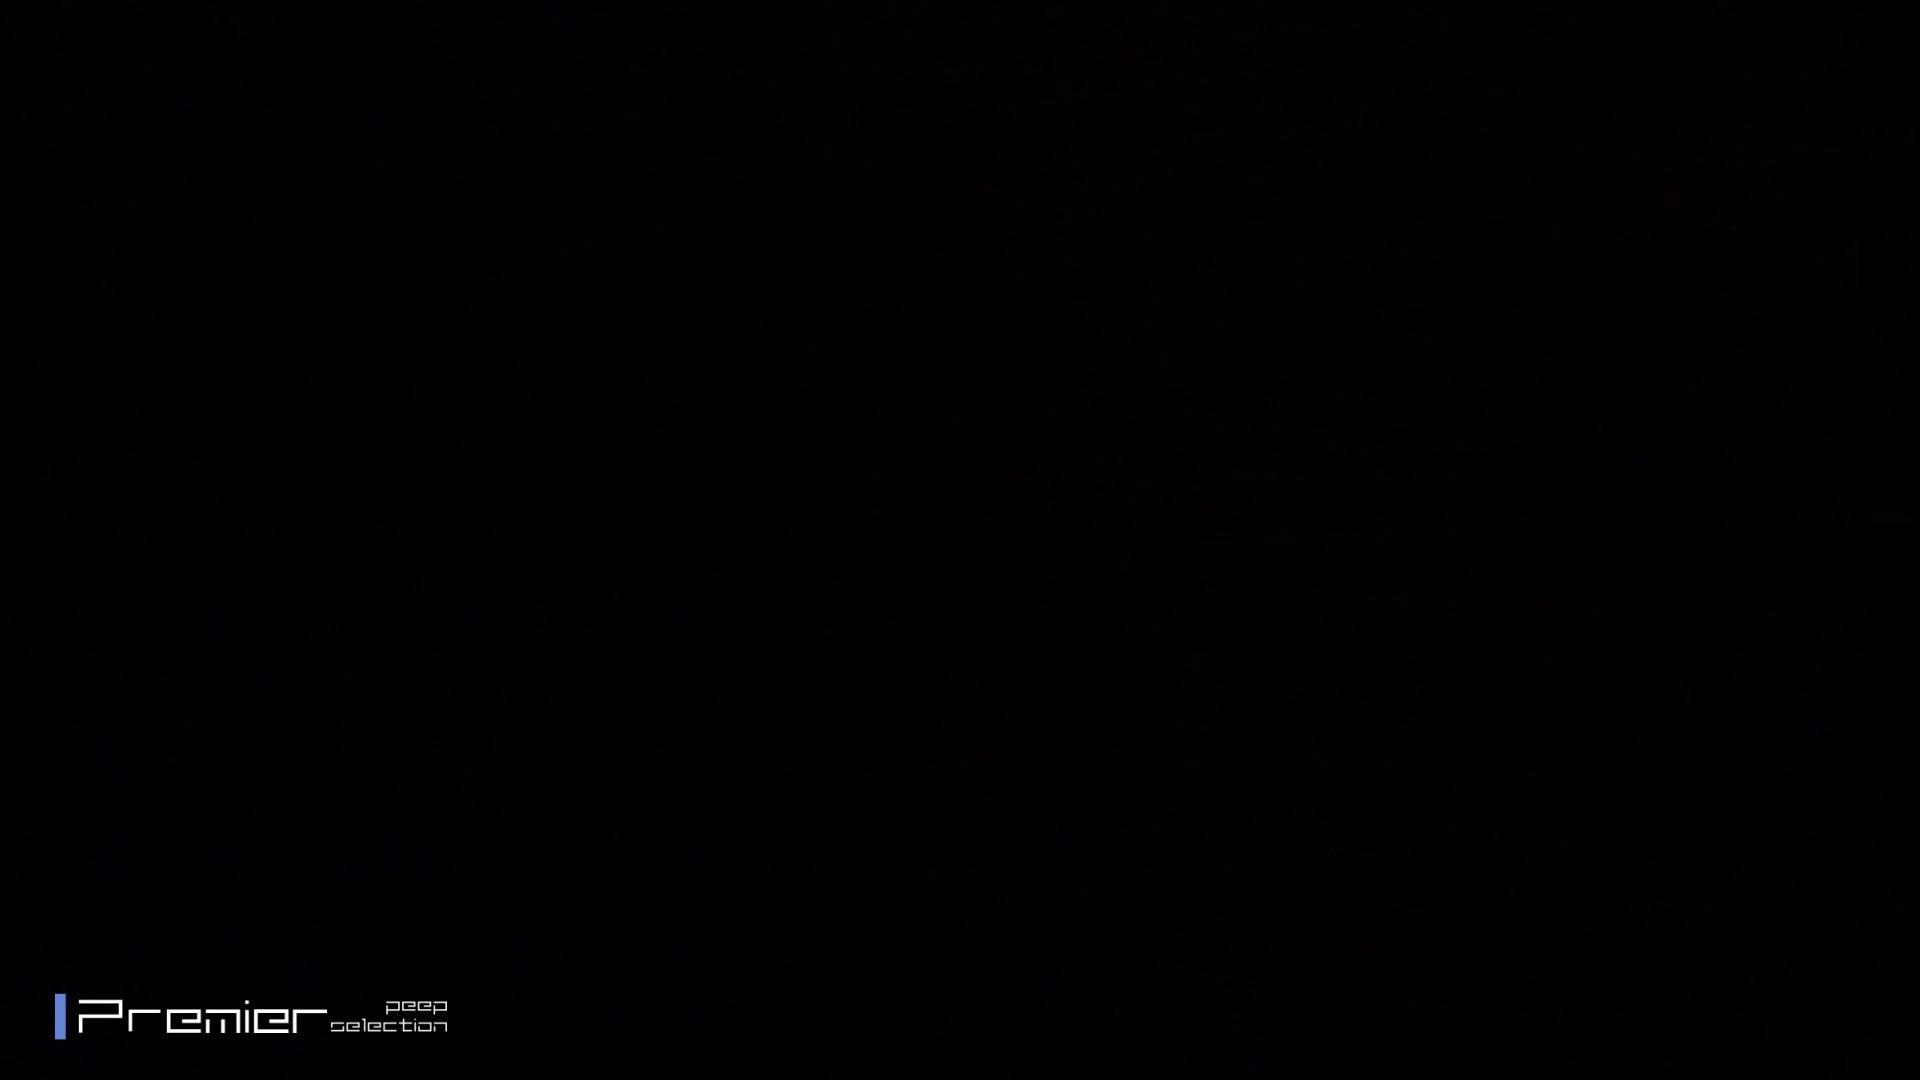 シャワーのお湯を跳ね返すお肌 乙女の風呂場 Vol.03 細身体型 オメコ動画キャプチャ 108枚 32